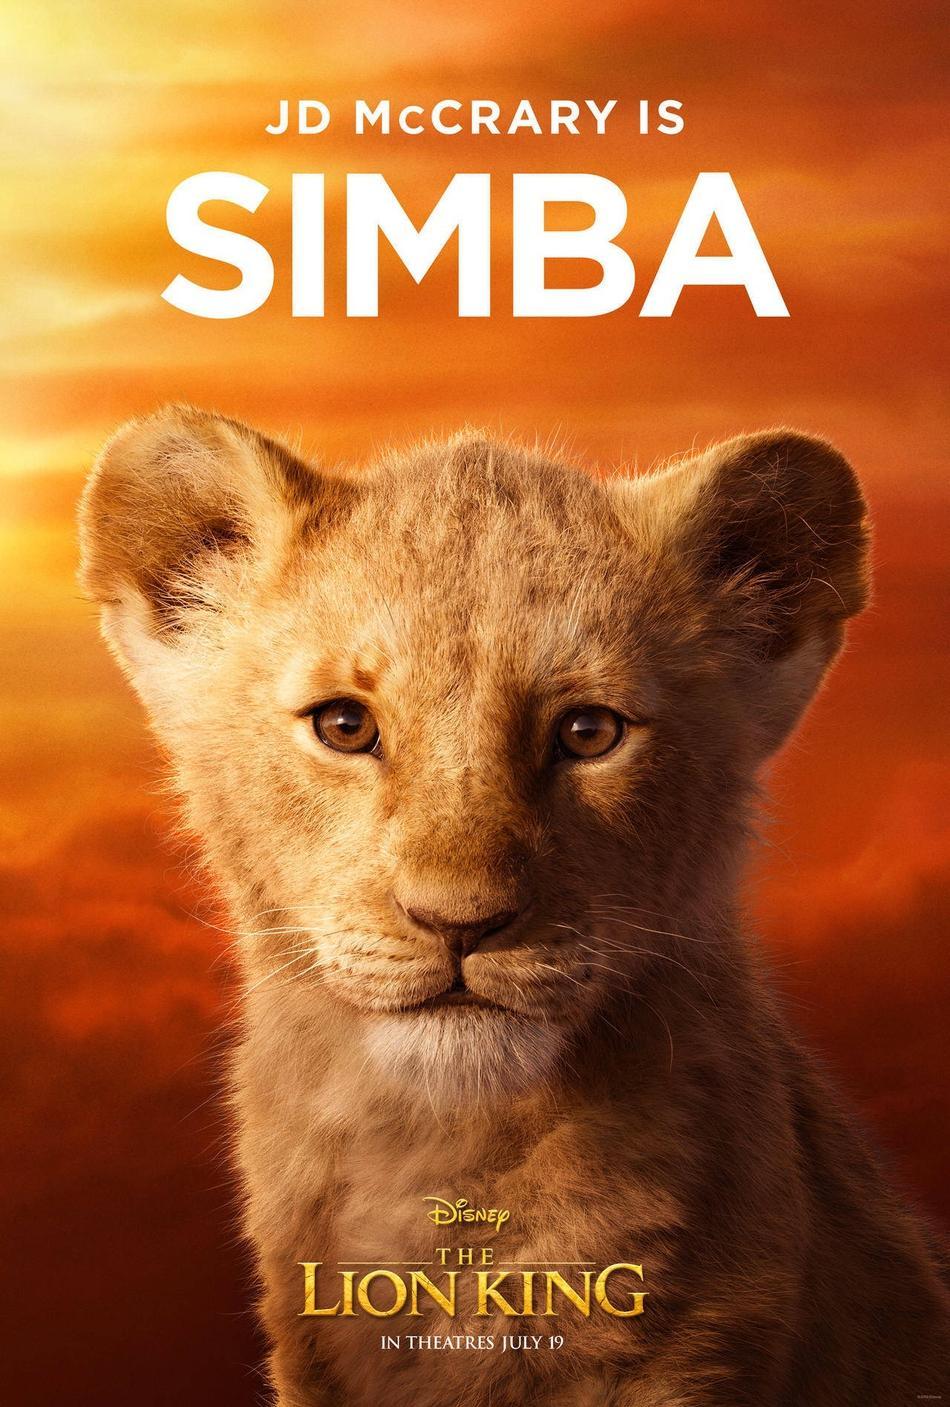 辛巴狮子王适合几岁的孩子看?有哪些看点可以告诉孩子?